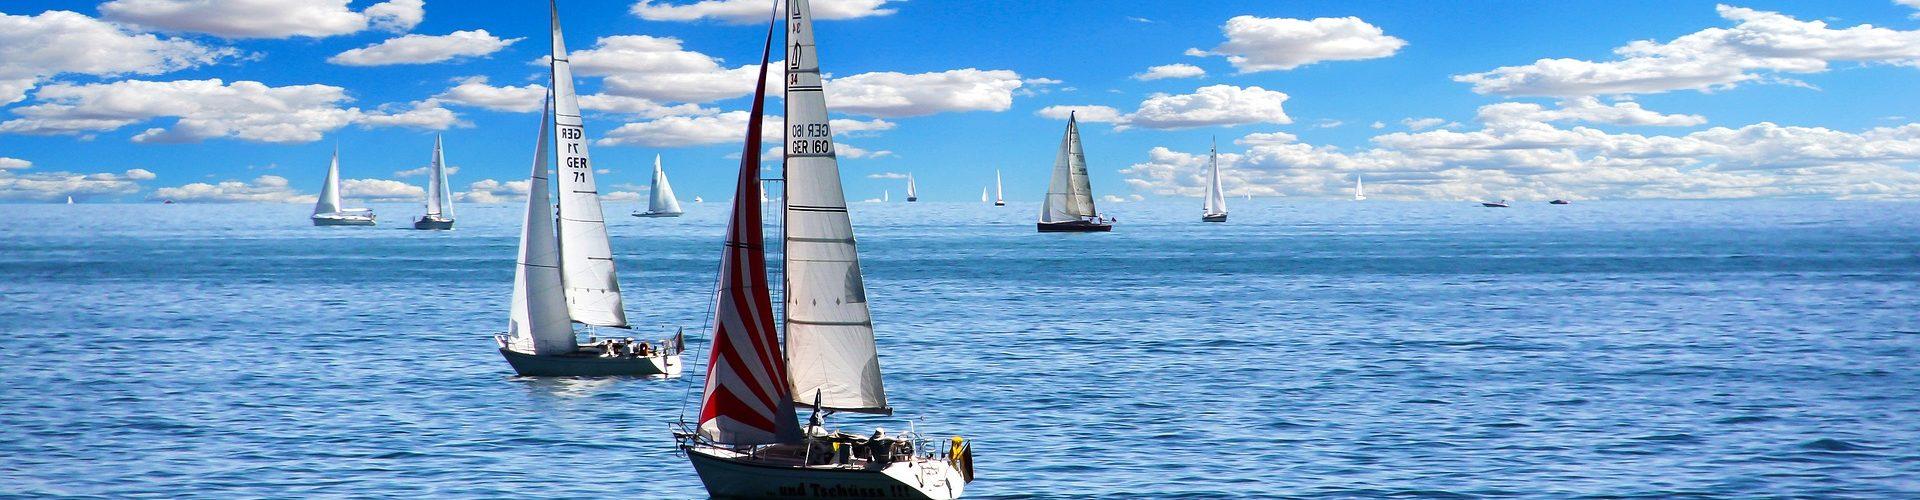 segeln lernen in Pahlen segelschein machen in Pahlen 1920x500 - Segeln lernen in Pahlen